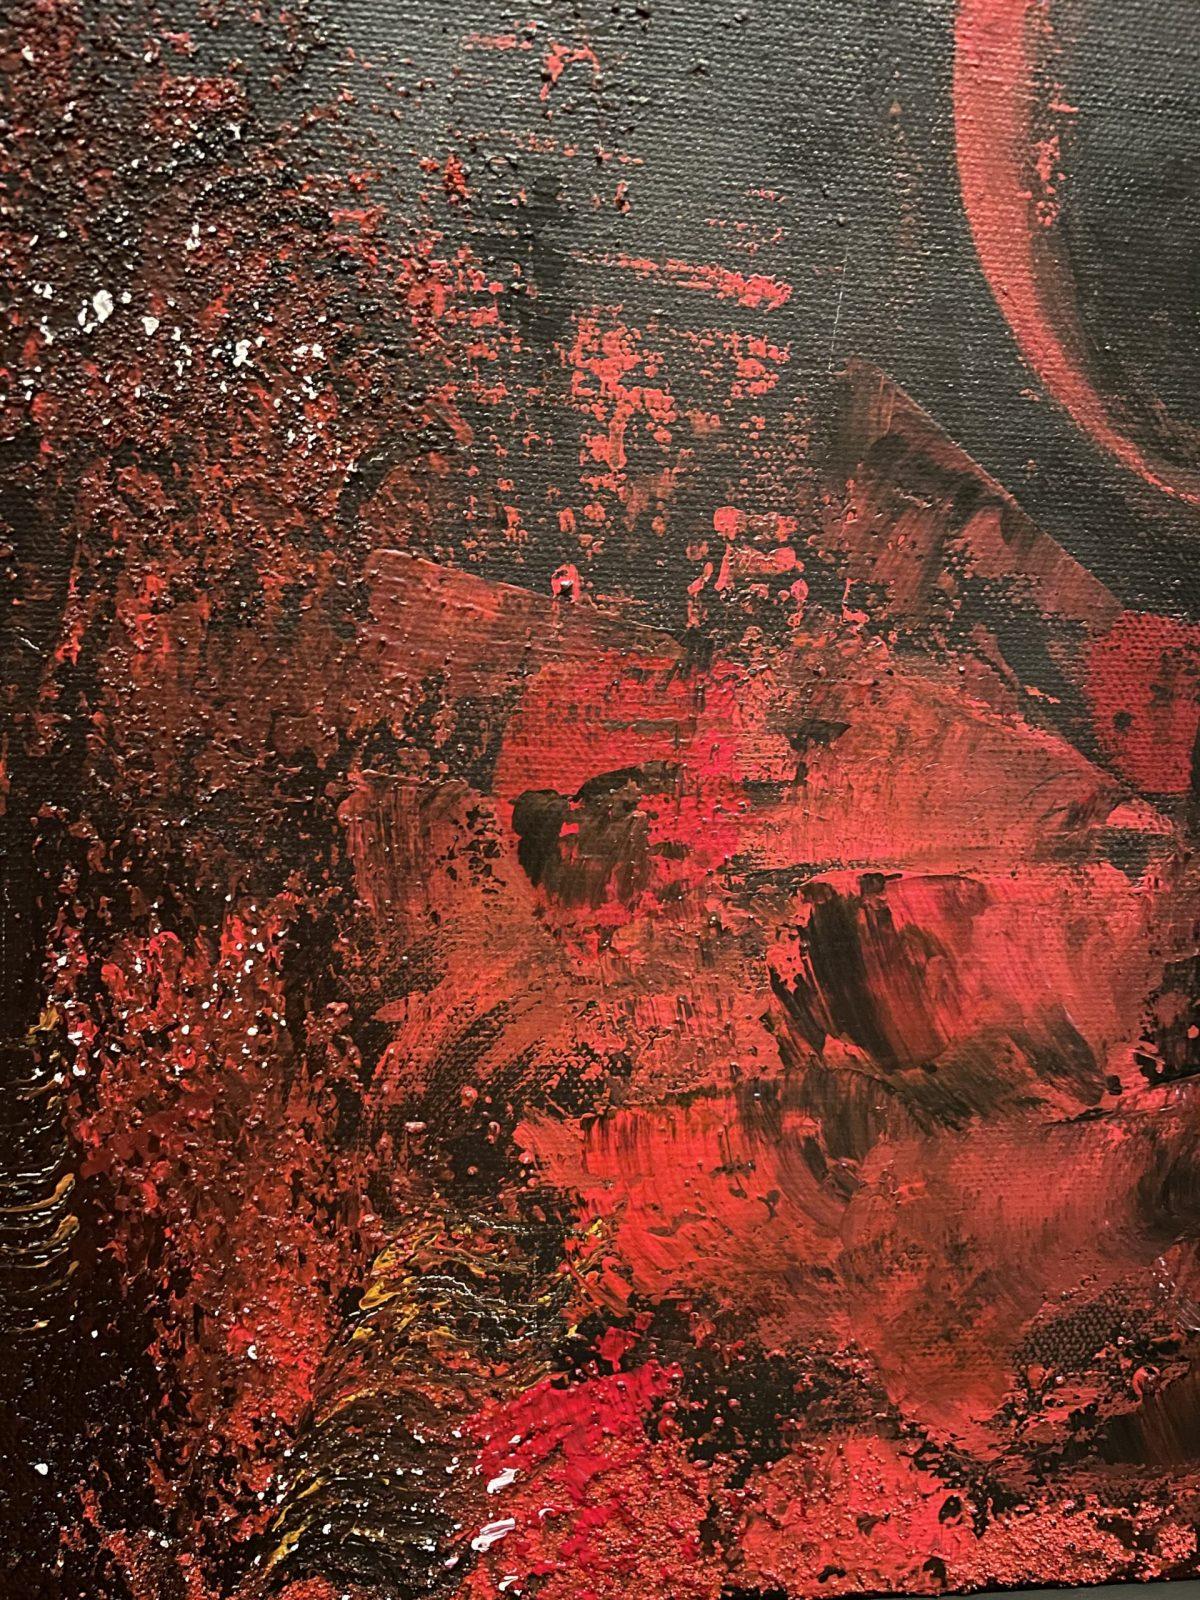 Danseuse du Flamenco, gros plan sur la texture et mélange des matières